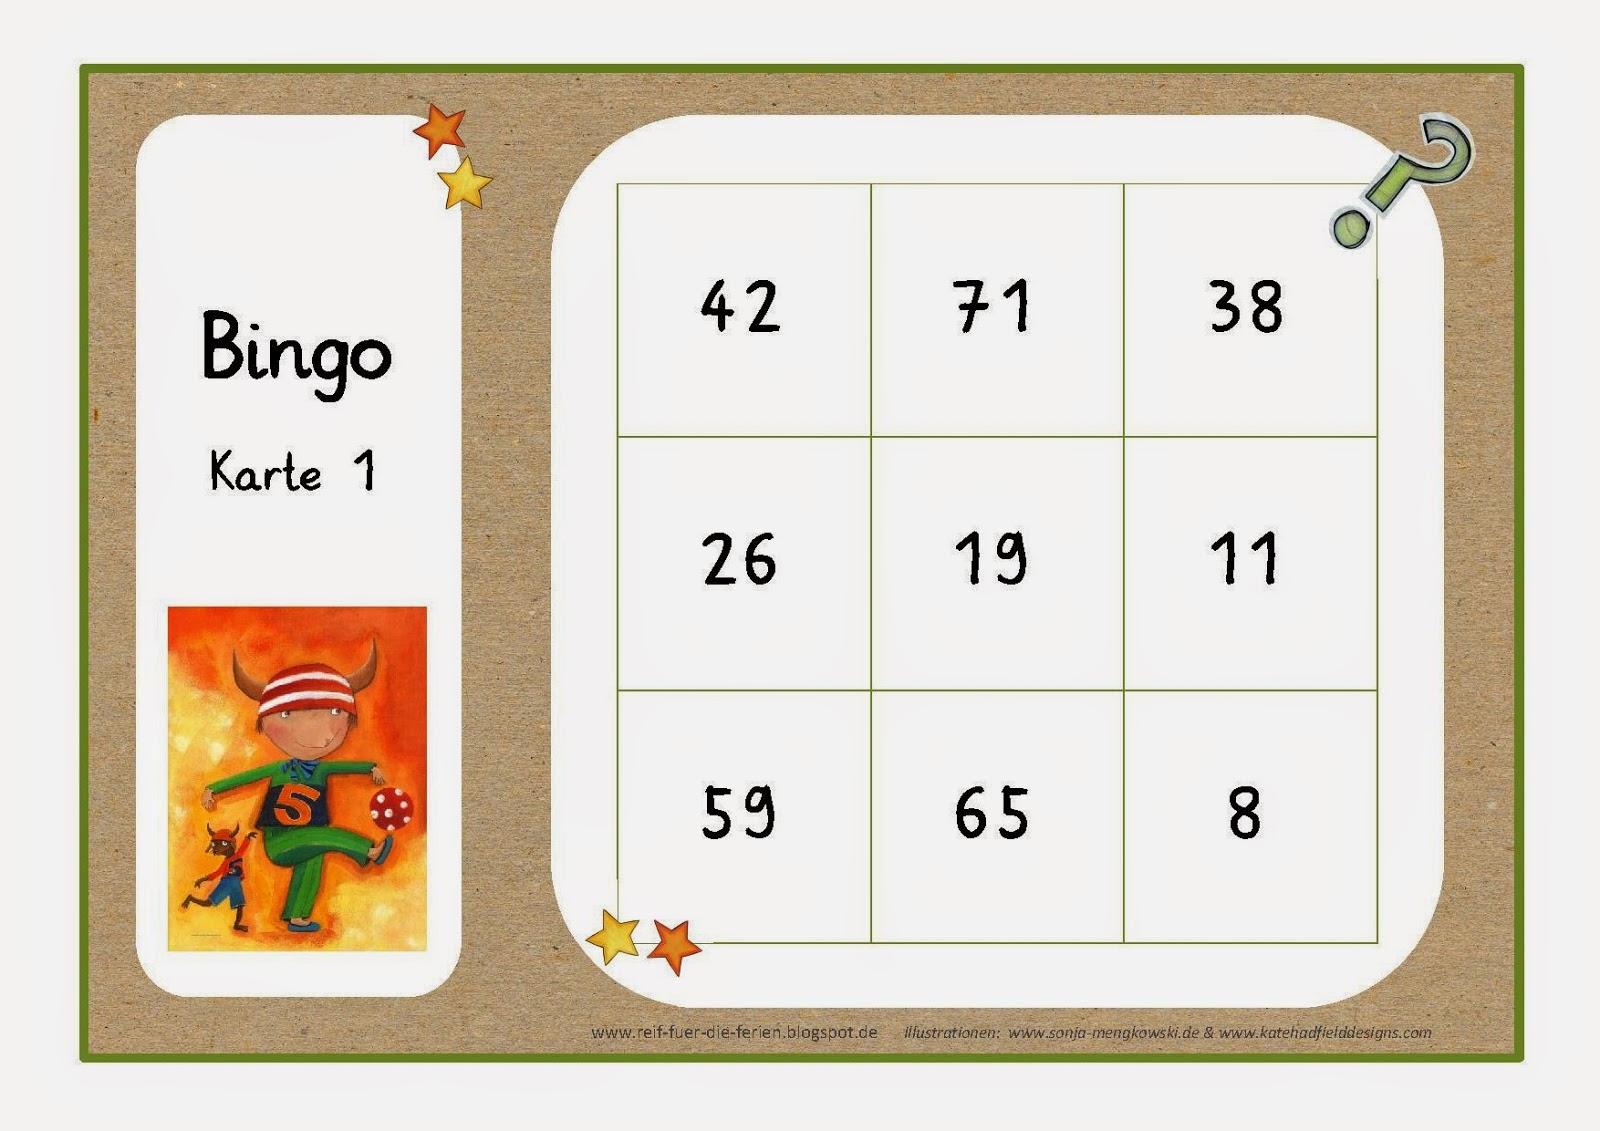 spielregeln bingo unterricht